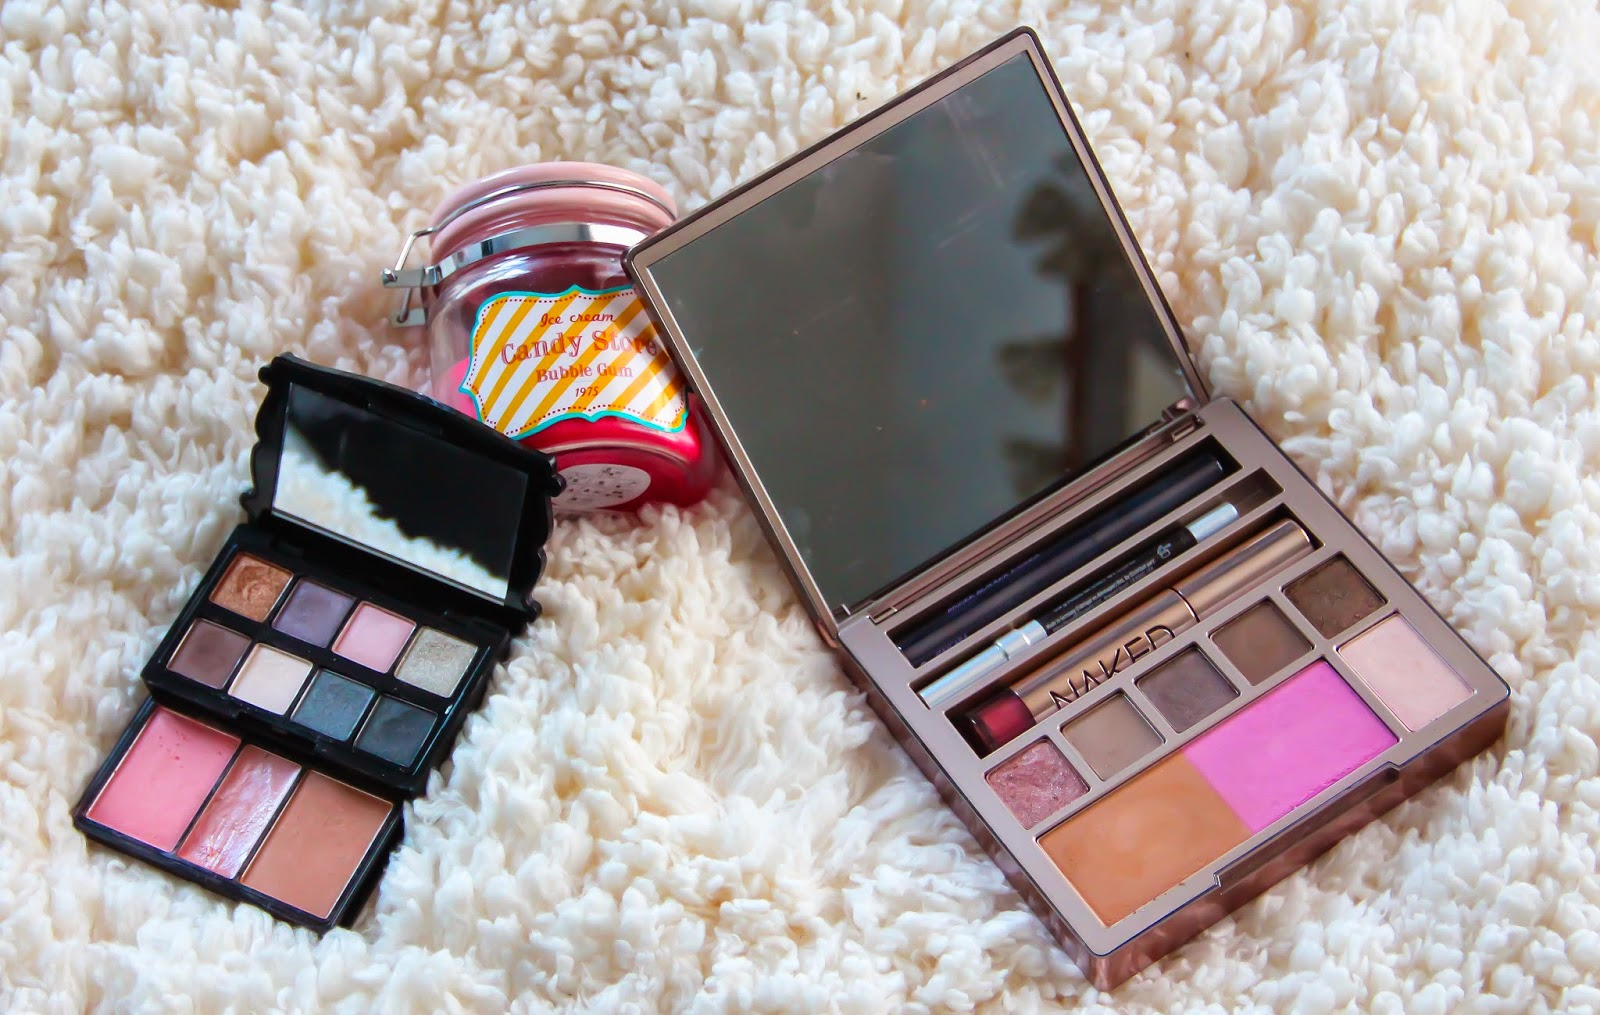 Palette Nomade Make up, blush, bronzer